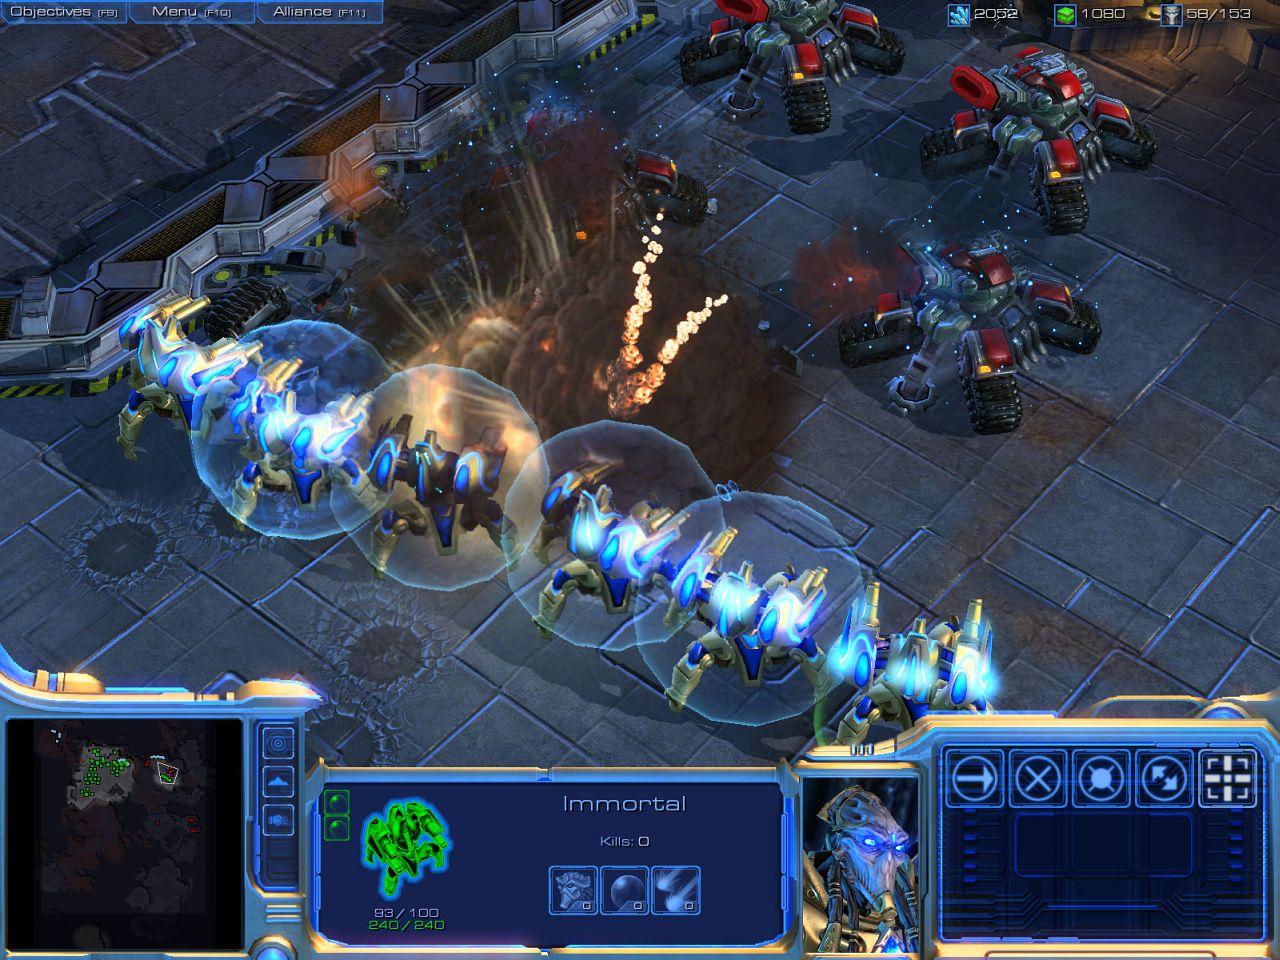 StarCraft 2 bestätigt - Bilder zu Blizzards neuem RTS-Spiel